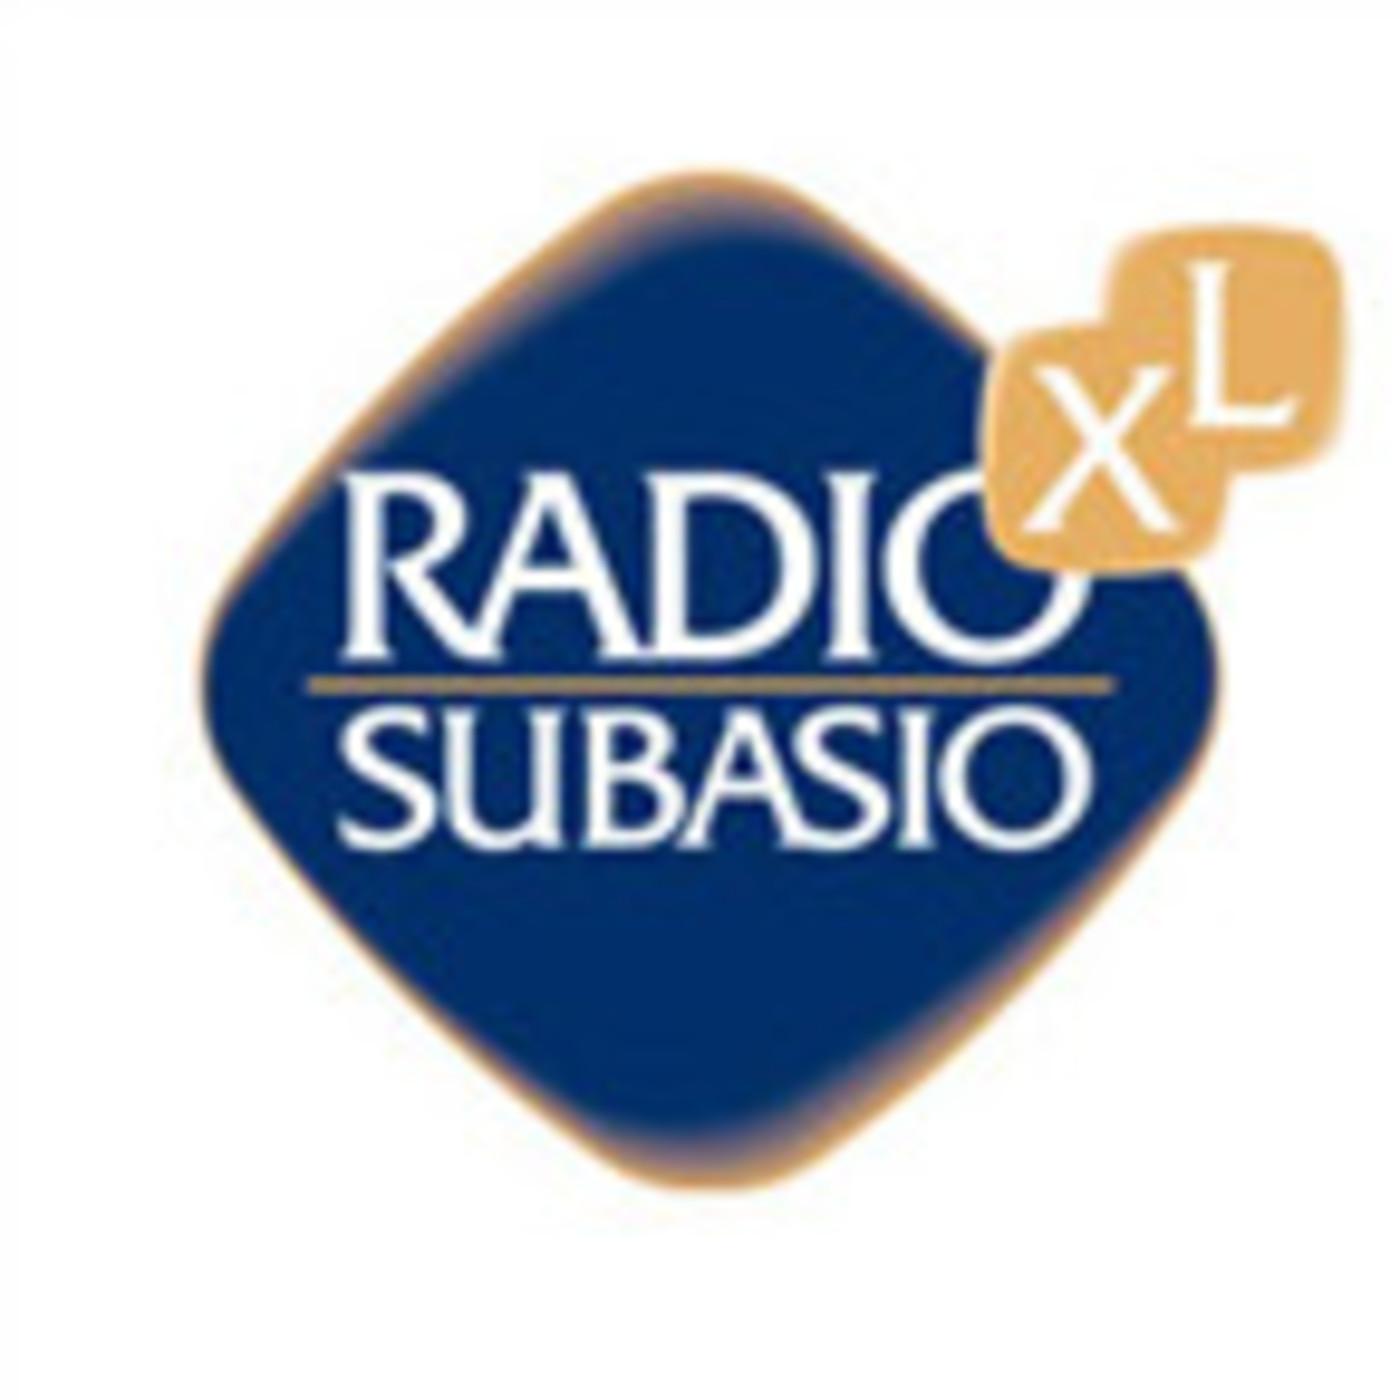 Radio Subasio XL